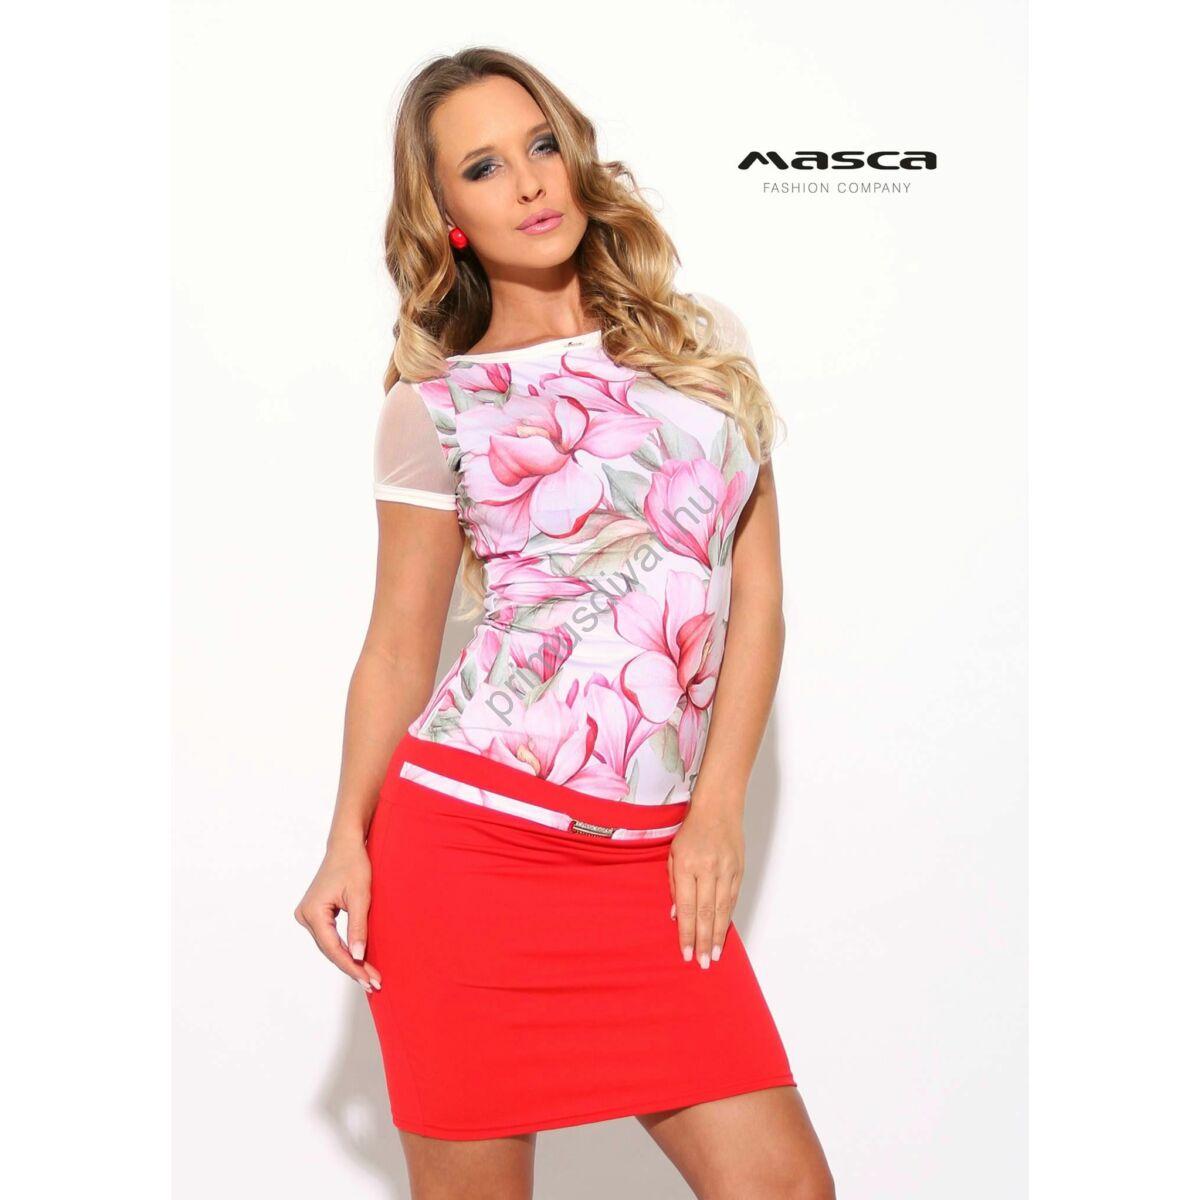 3b24920ded74 Kép 1/1 - Masca Fashion csónaknyakú, rövid muszlin ujjú virágmintás  miniruha, piros szoknyarésszel, ékszerkapcsos övpánttal